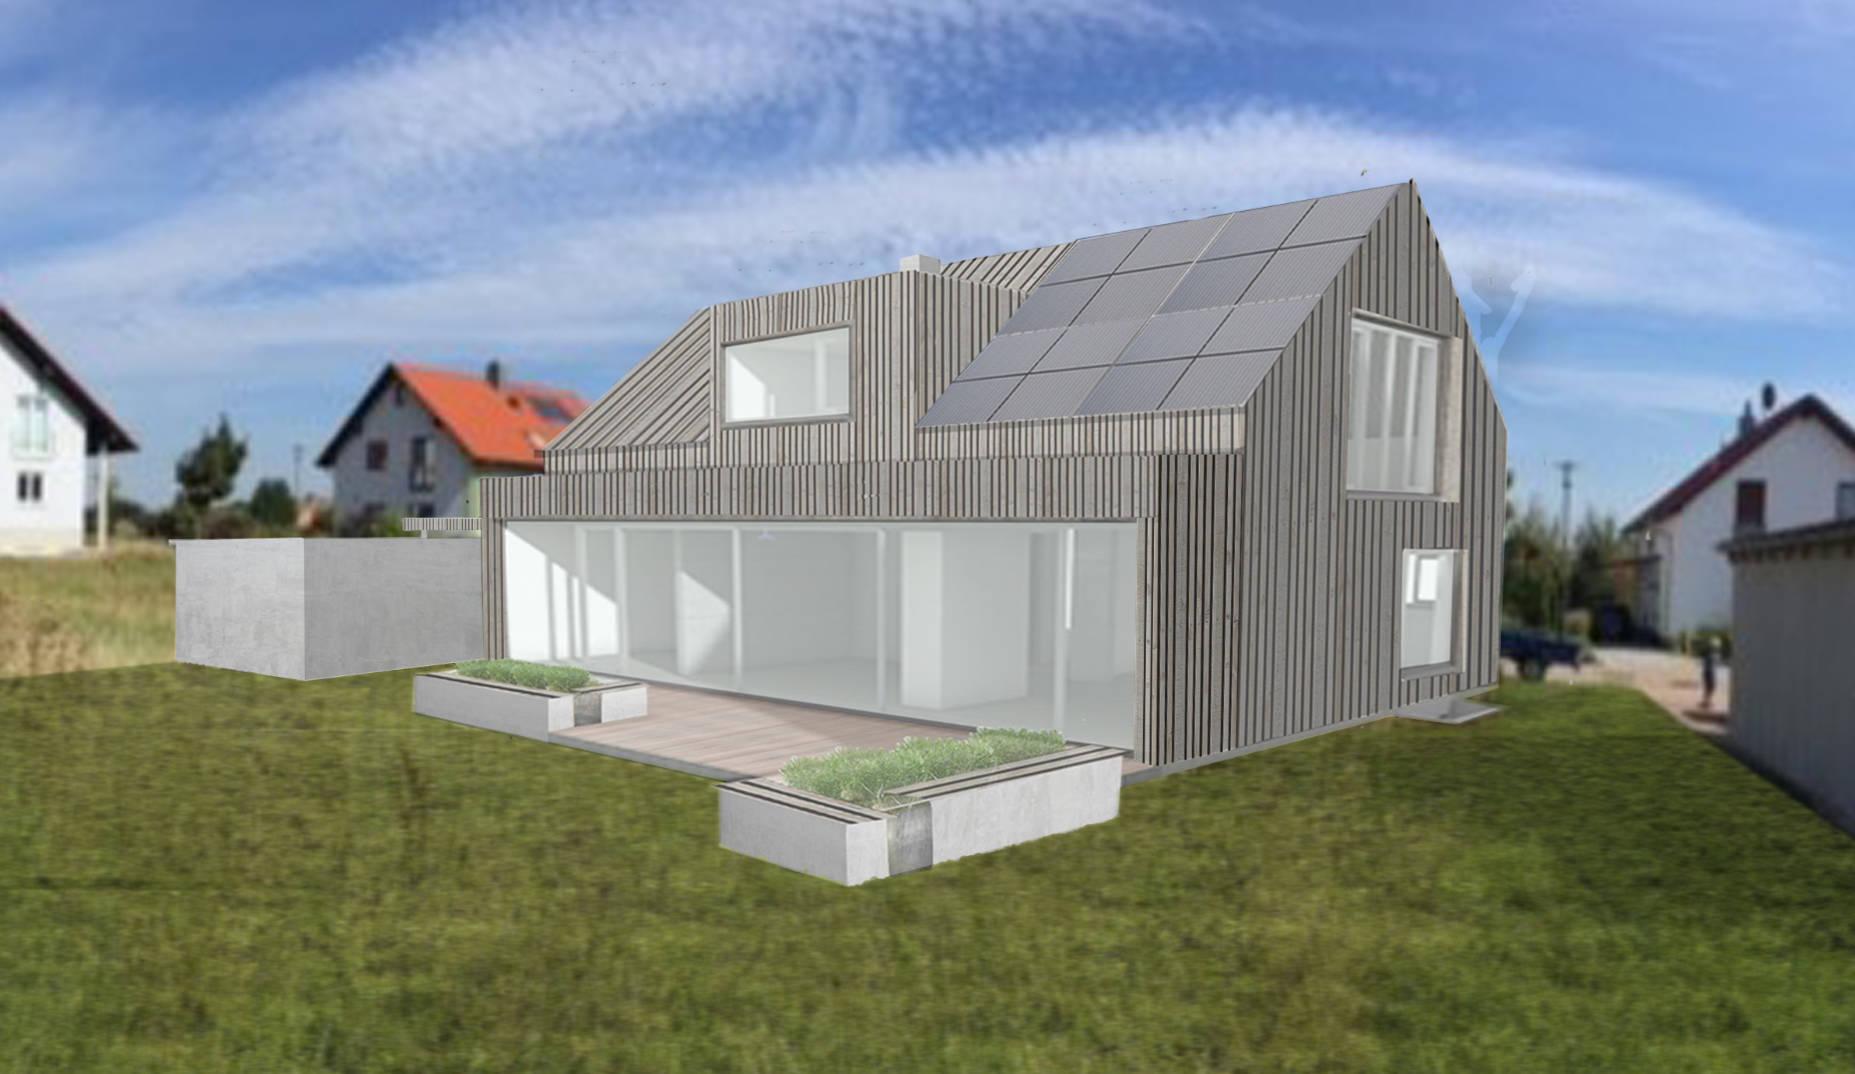 B2-02-marcbetz architekten